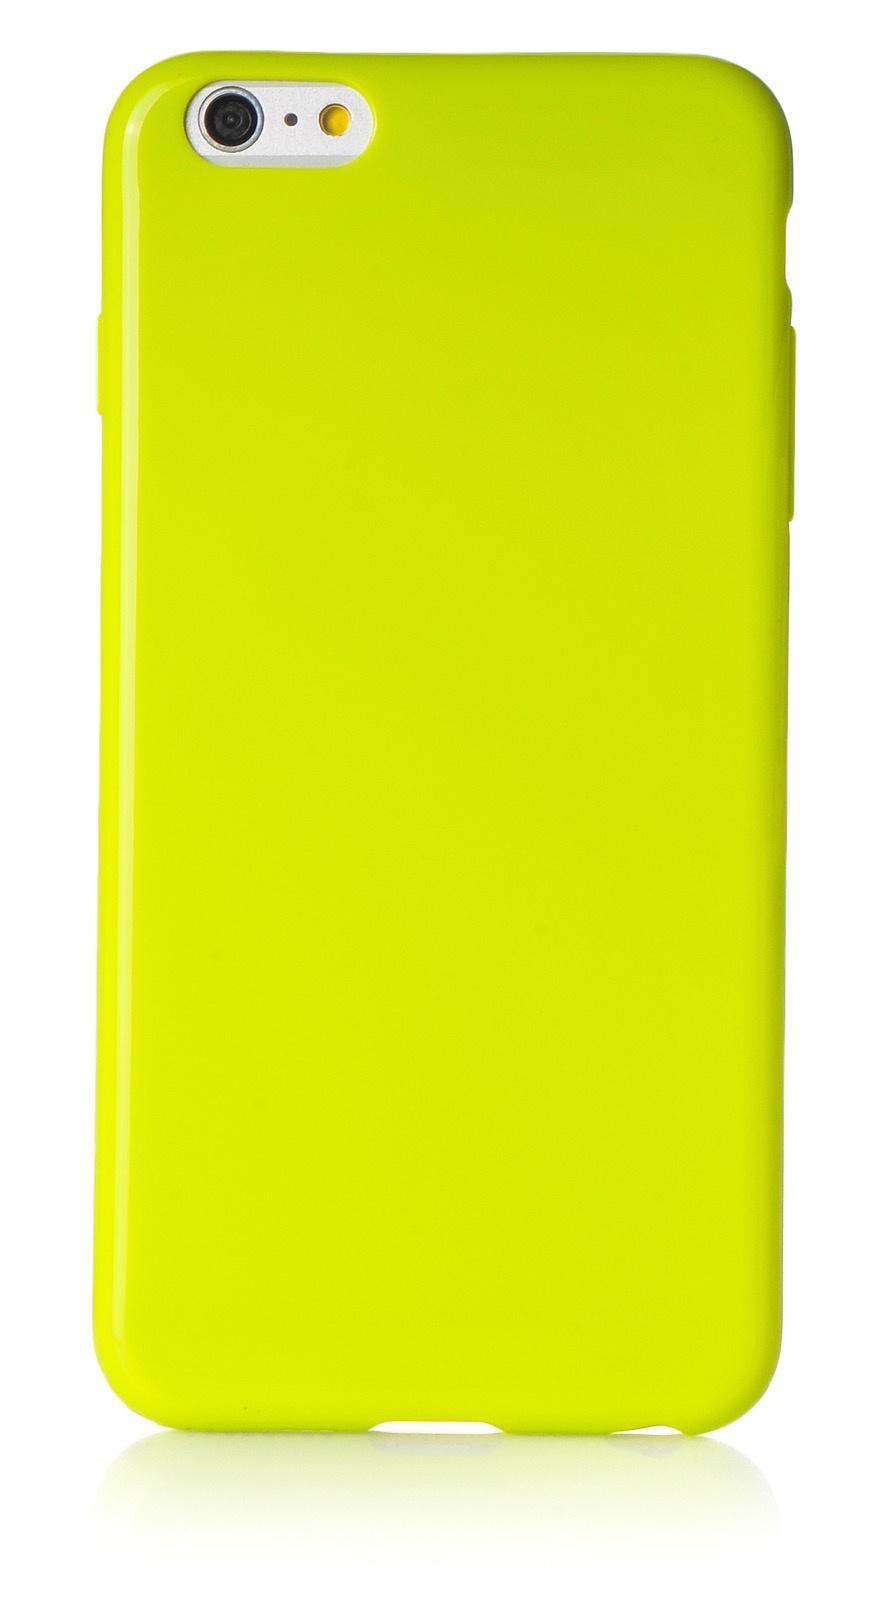 """Чехол для сотового телефона iNeez накладка силикон мыльница 620114 для Apple Iphone 6 Plus/6S Plus 5.5"""", зеленый"""